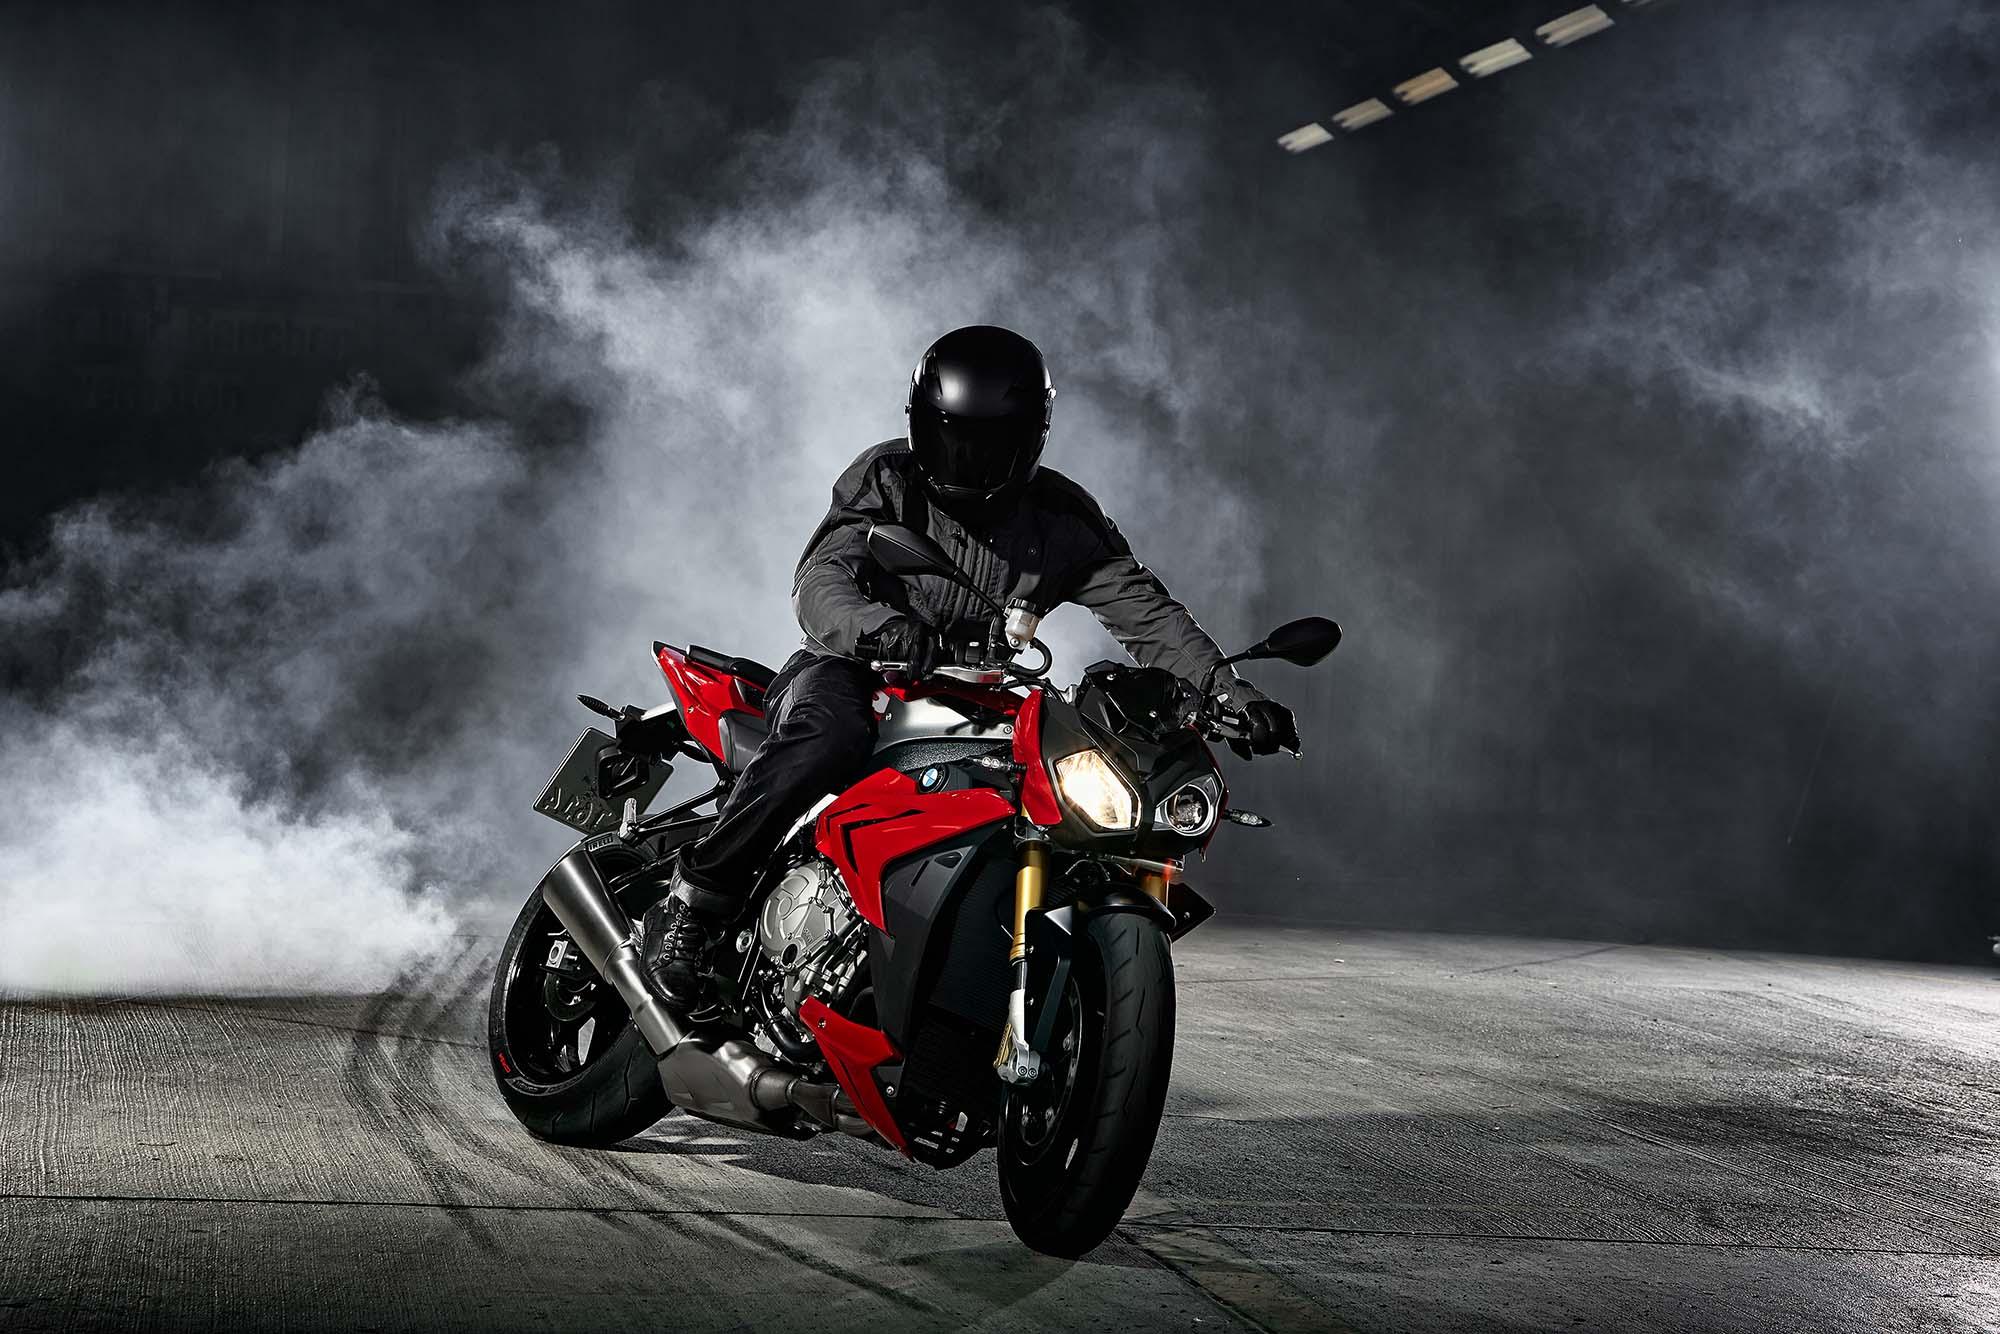 стоимость мотоцикла БМВ последней модели байкерских #2